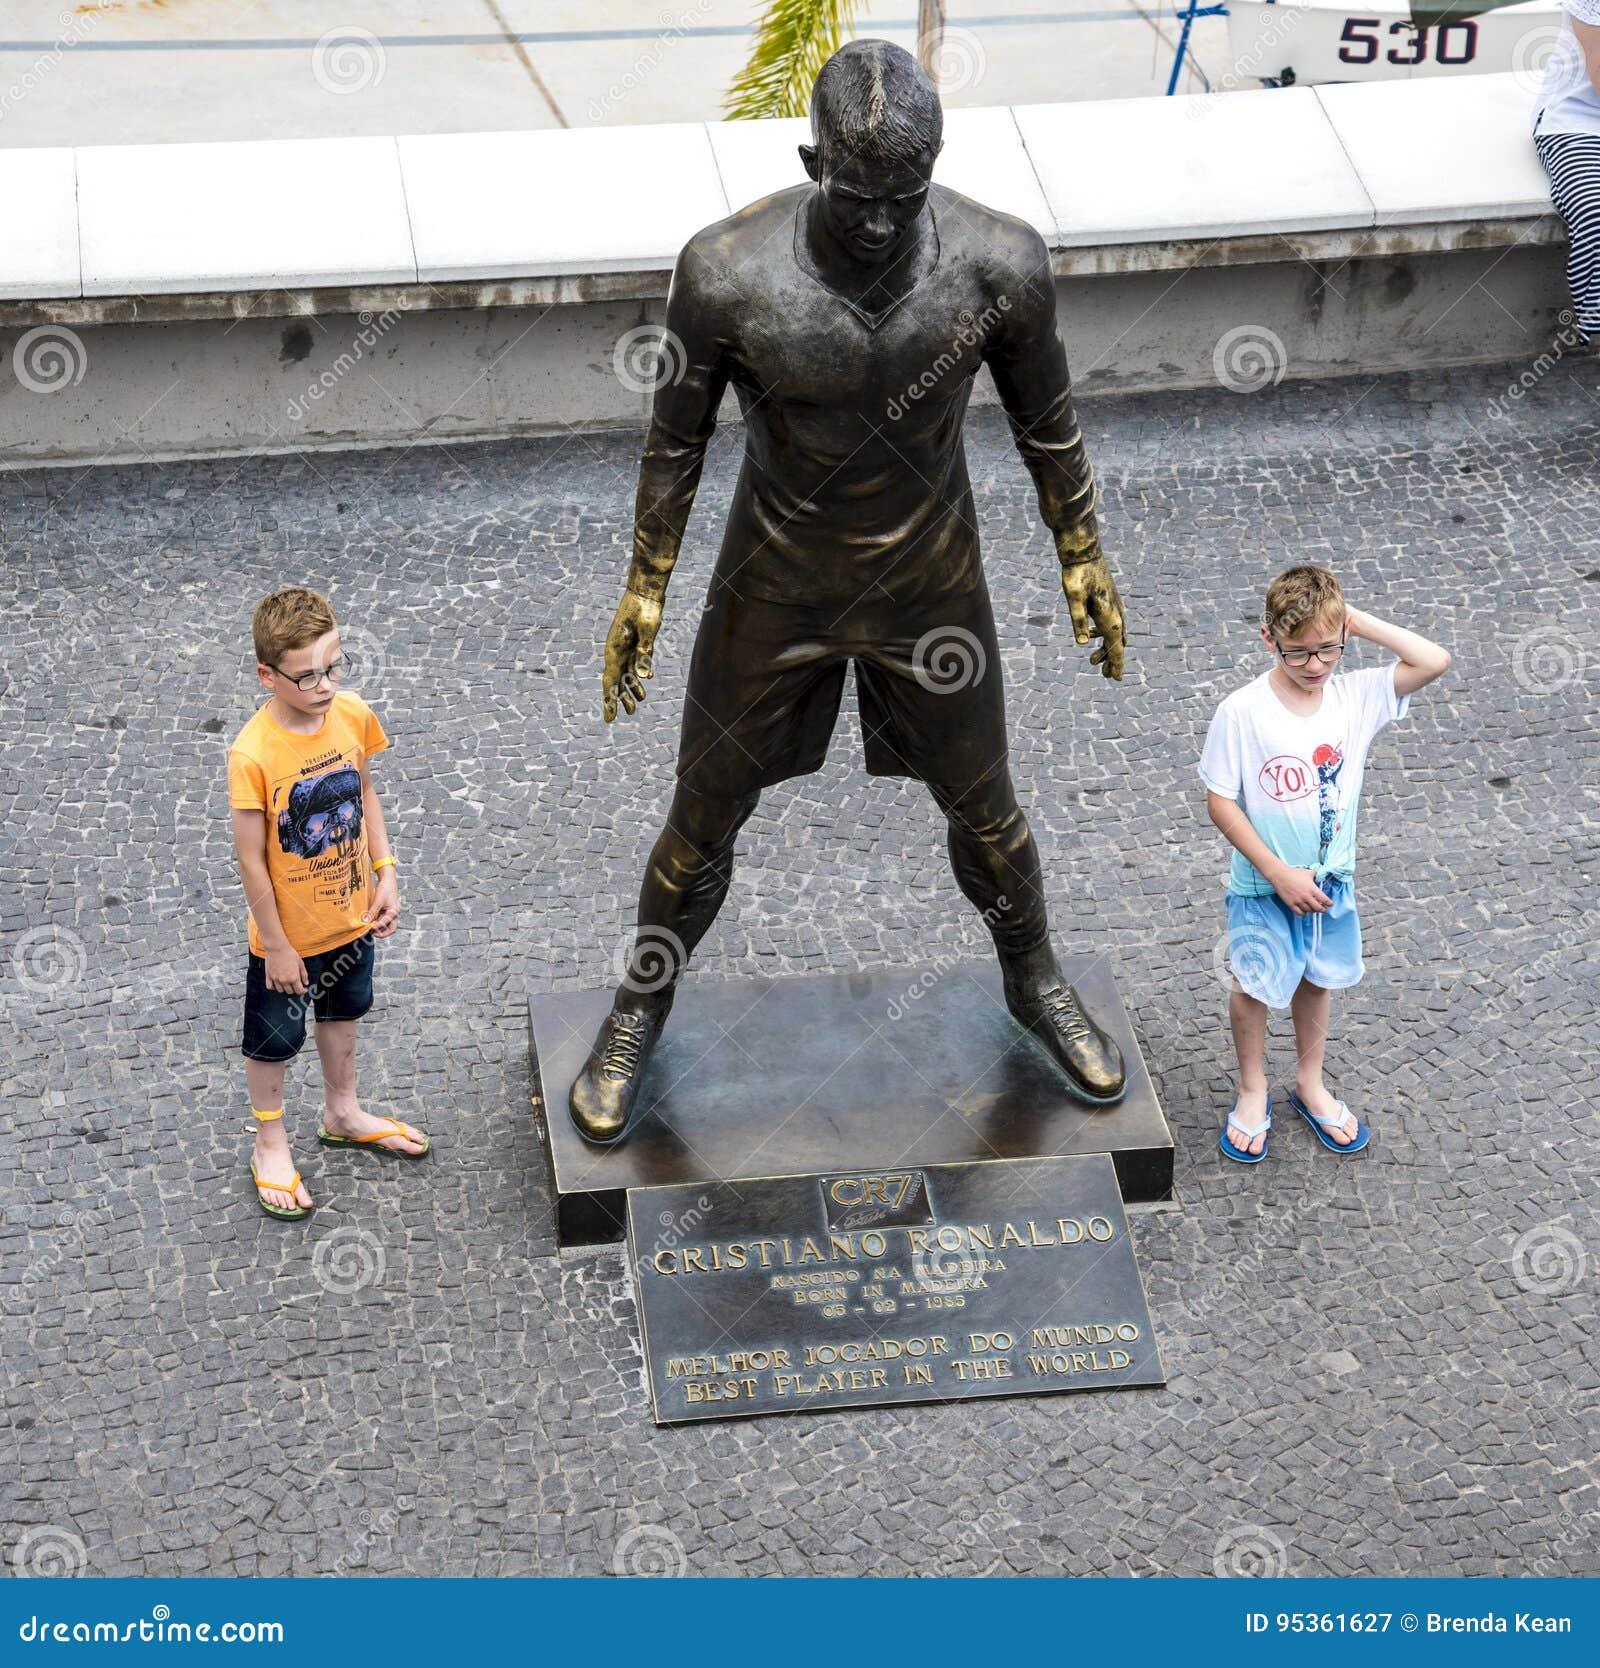 Populär staty av Cristiano Ronaldo, den internationella fotbollsspelaren, som var den bördiga madeiran